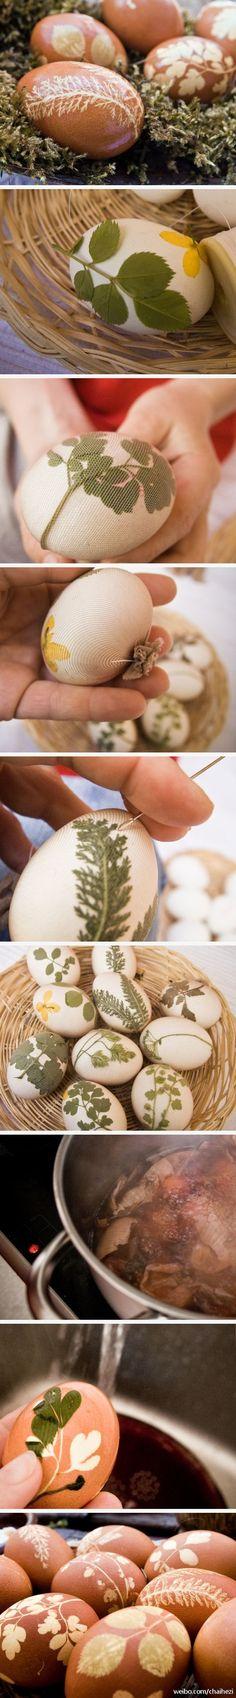 szekely tojas festes